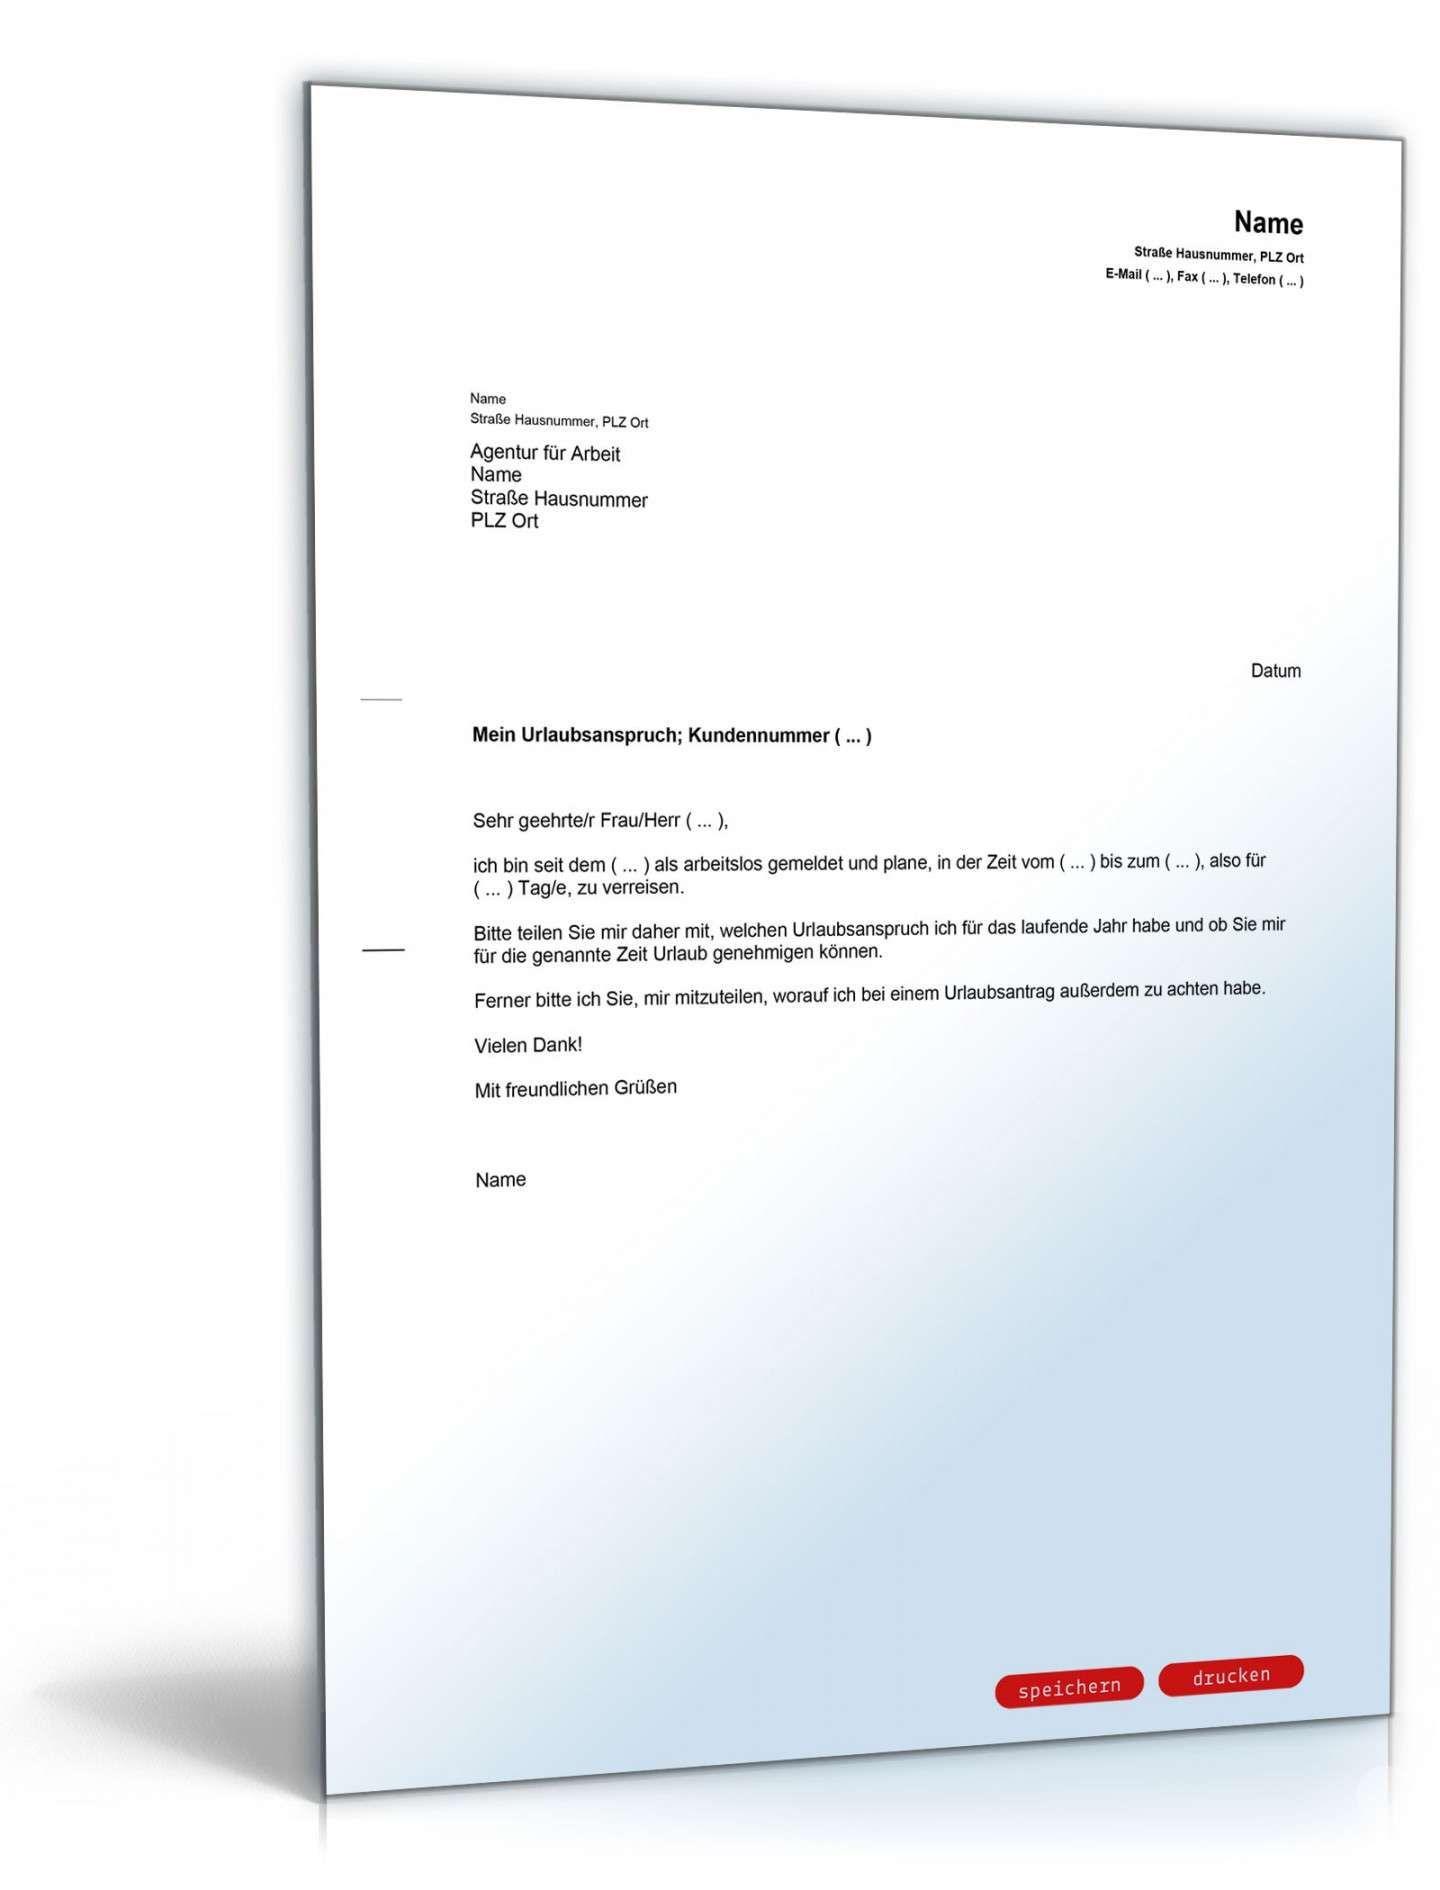 Angebot Vorlage Word In 2020 Vorlagen Word Entschuldigung Schule Vorlage Rechnung Vorlage